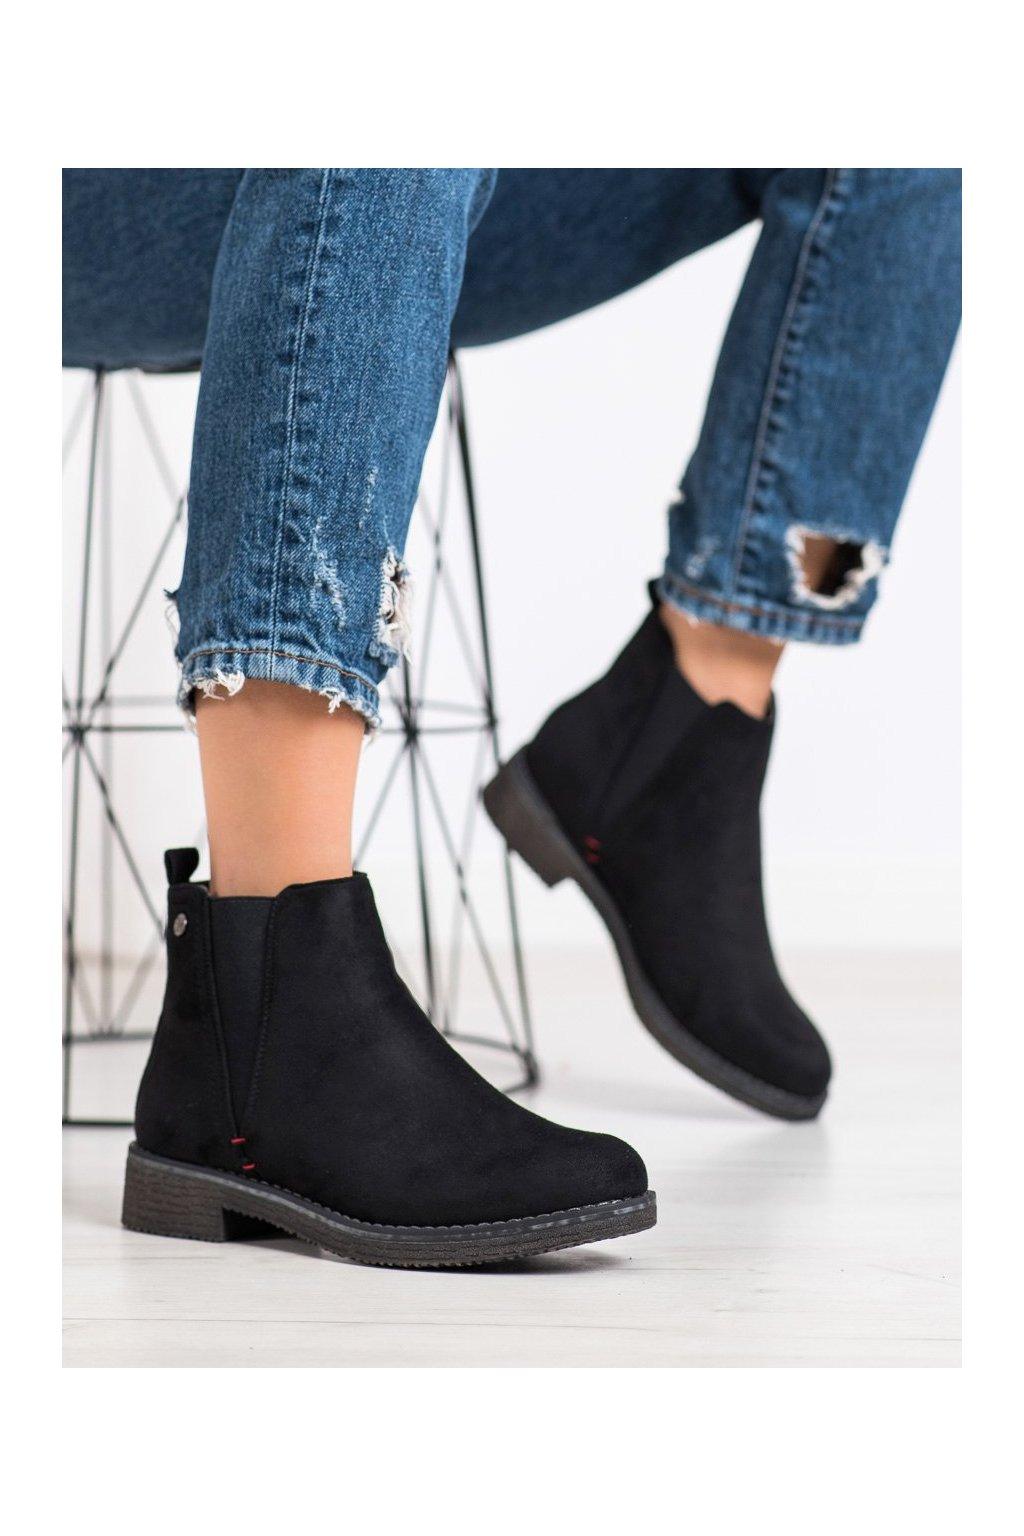 Čierne dámske topánky Super me kod 314B